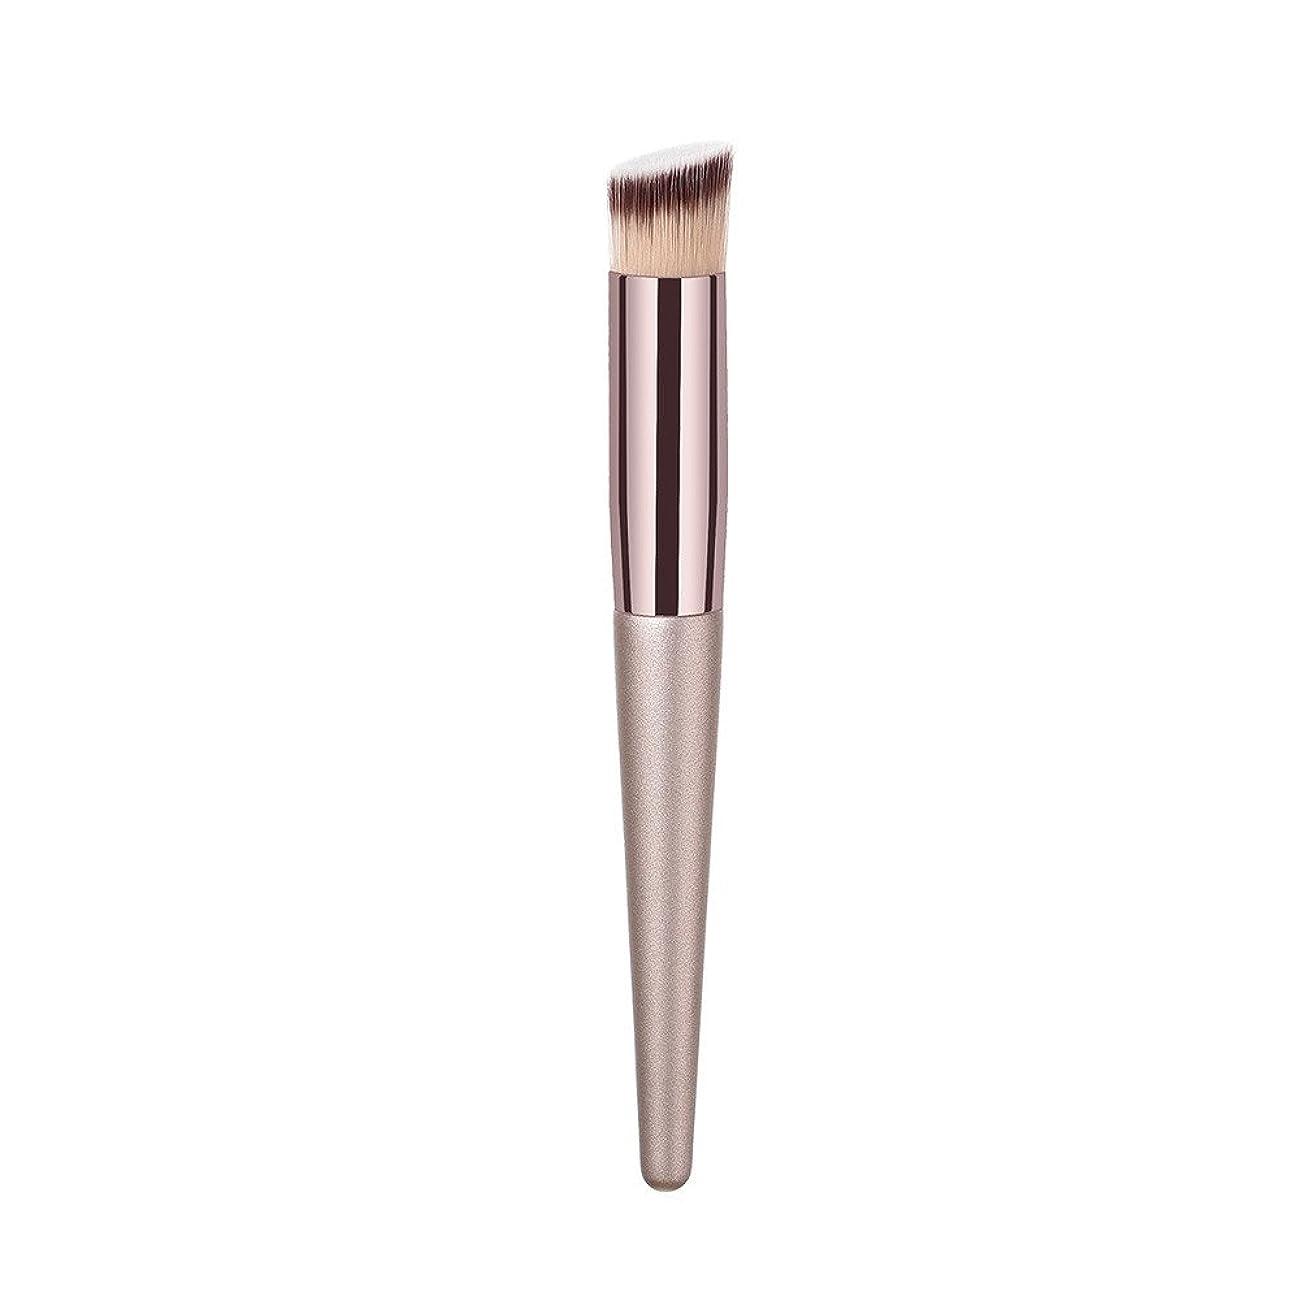 主婦ことわざ集まる笑え熊 化粧筆 化粧品ZZ-10-A-2 化粧品 マック 化粧 ファンデーション ブラシ 抜群の粉含み力 高級天然繊維